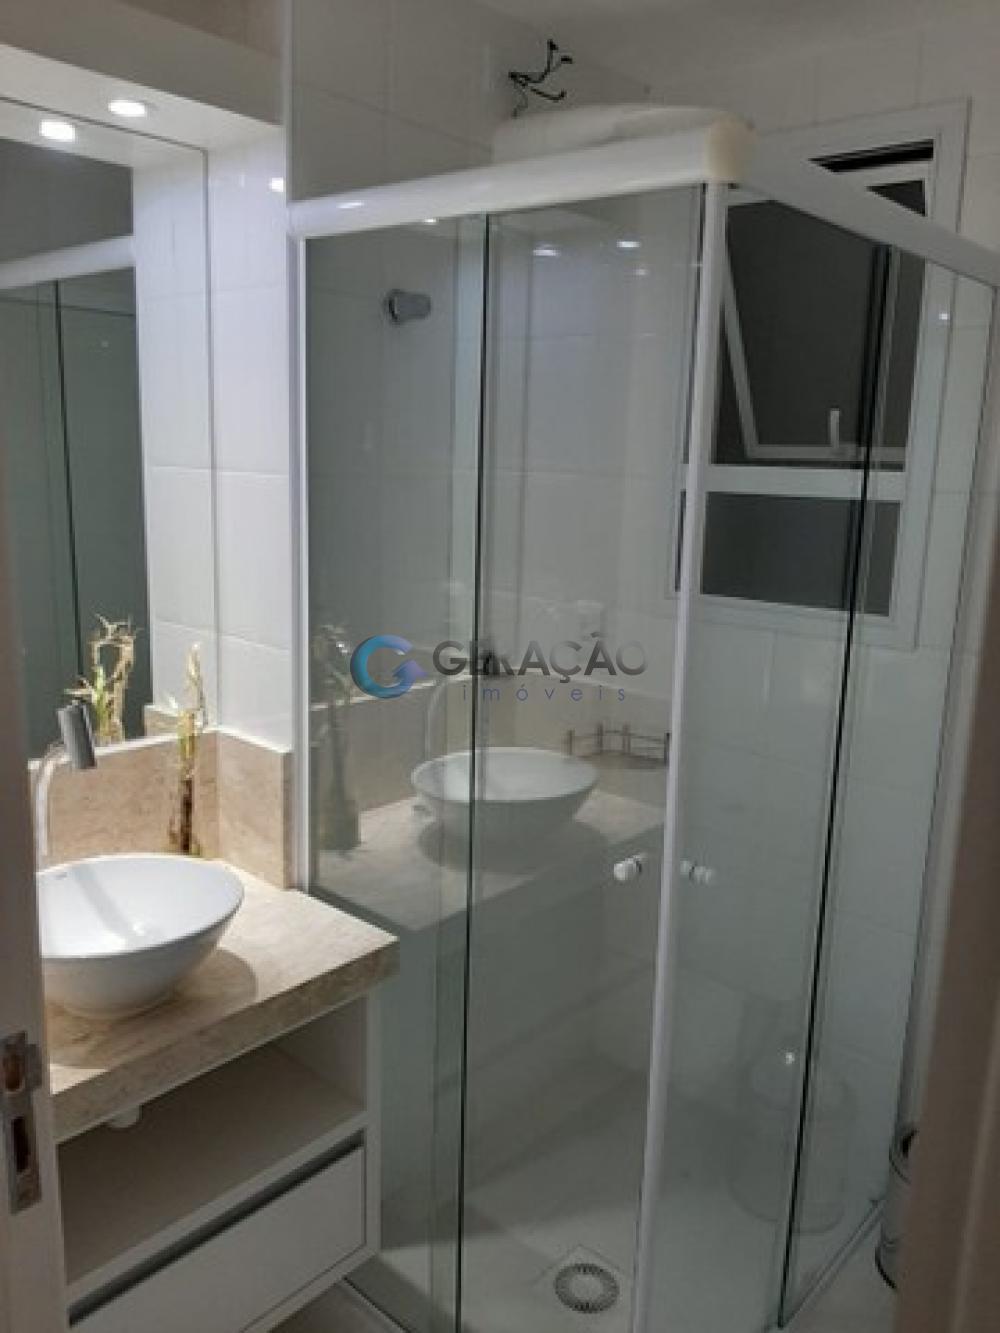 Comprar Apartamento / Padrão em São José dos Campos R$ 352.000,00 - Foto 11